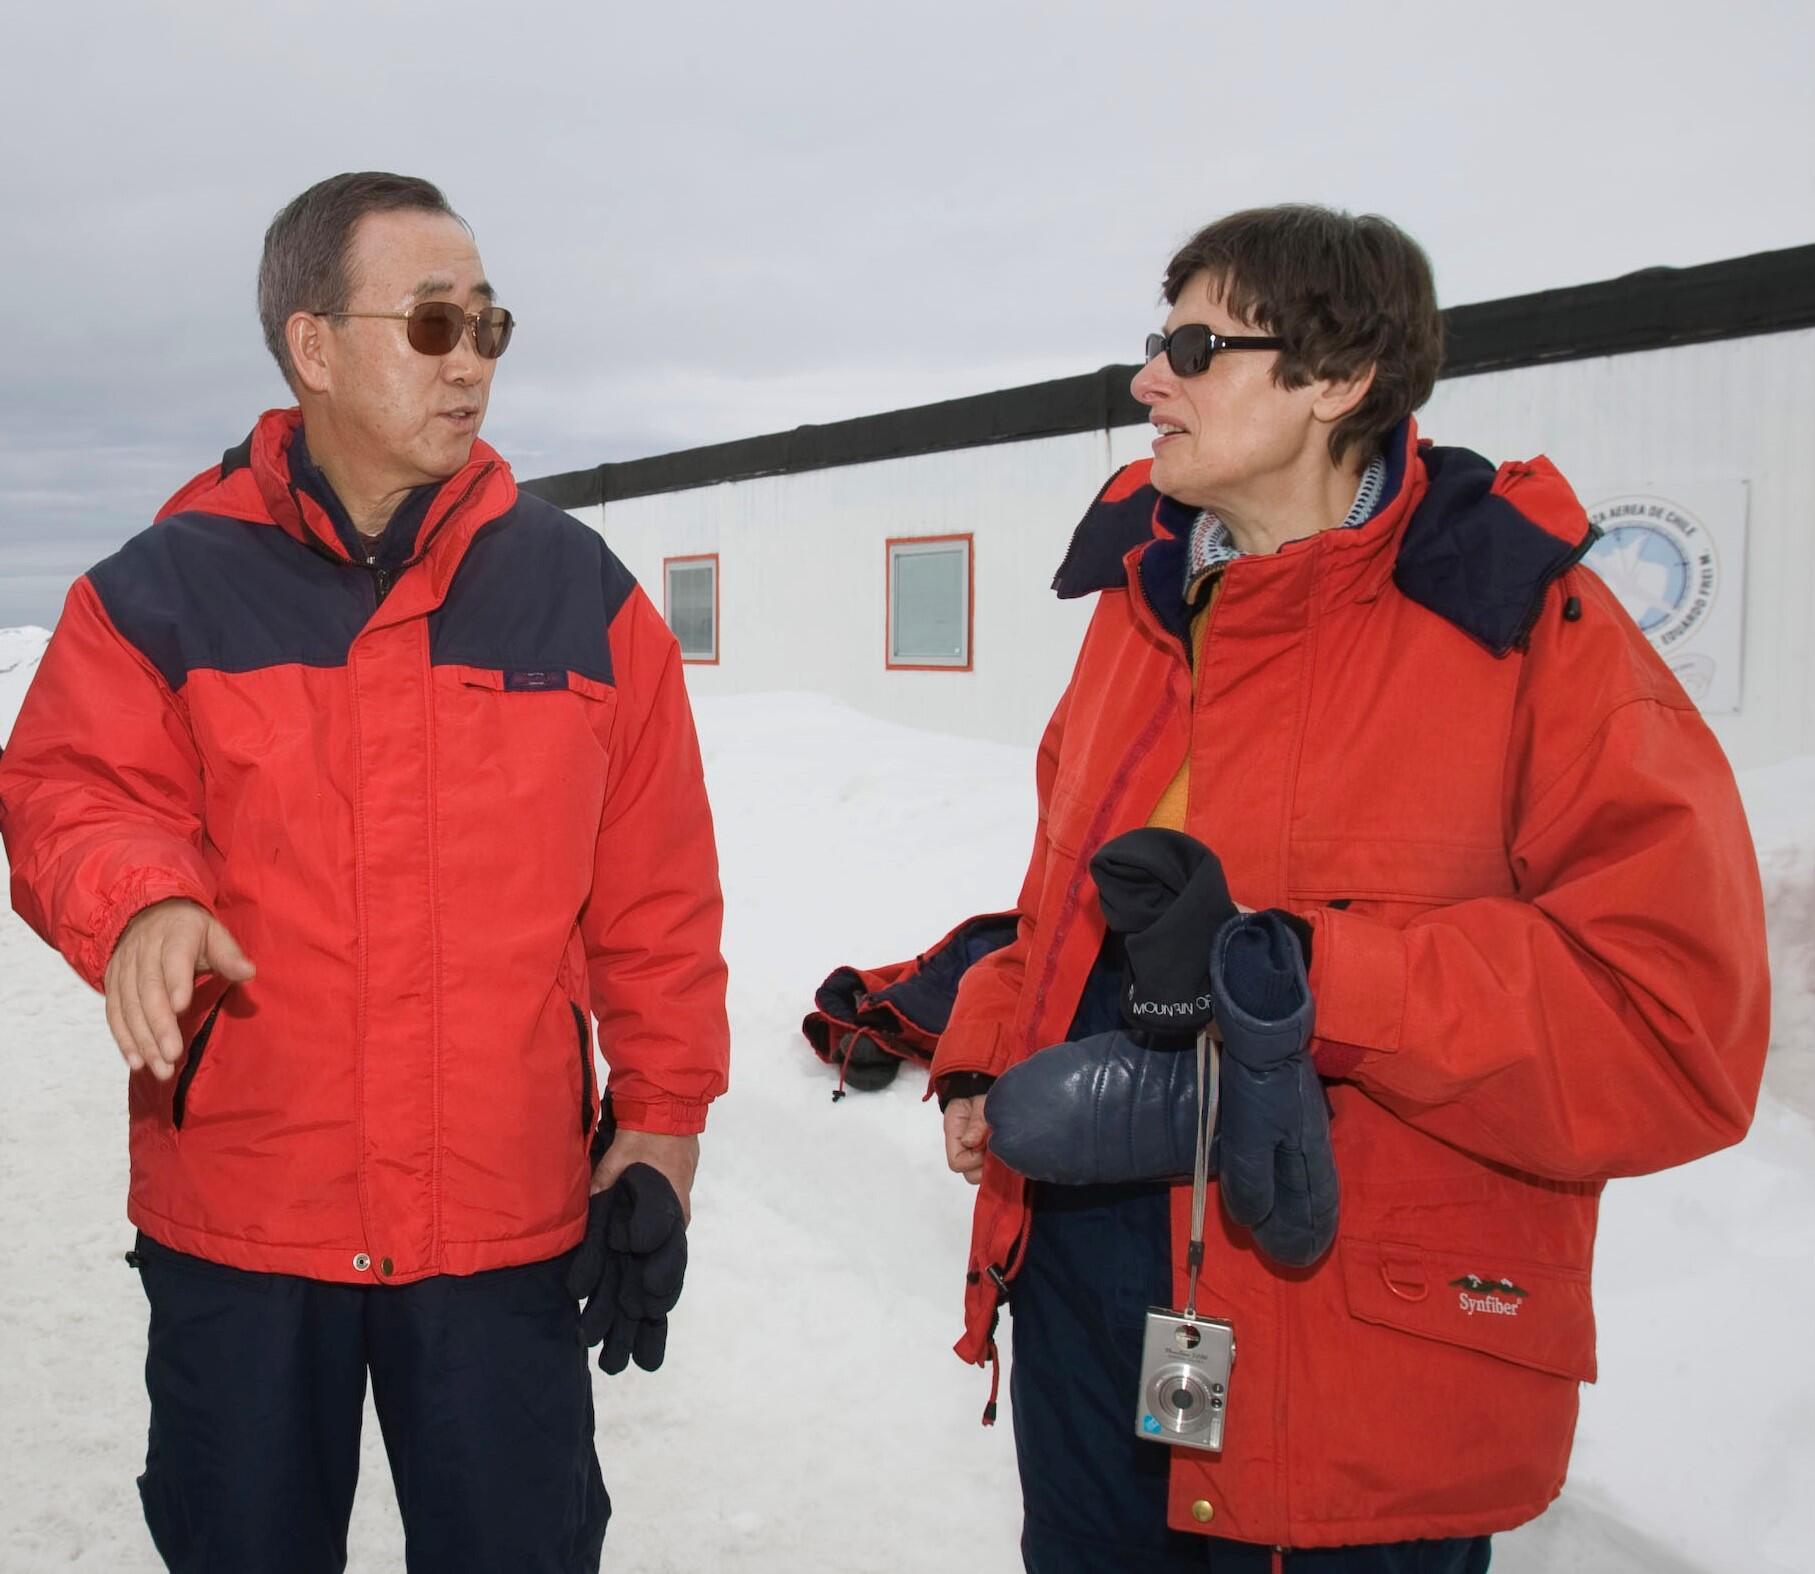 Bild zu Angela Kane mit Generalsekretär Ban Ki-moon in der Antarktis.